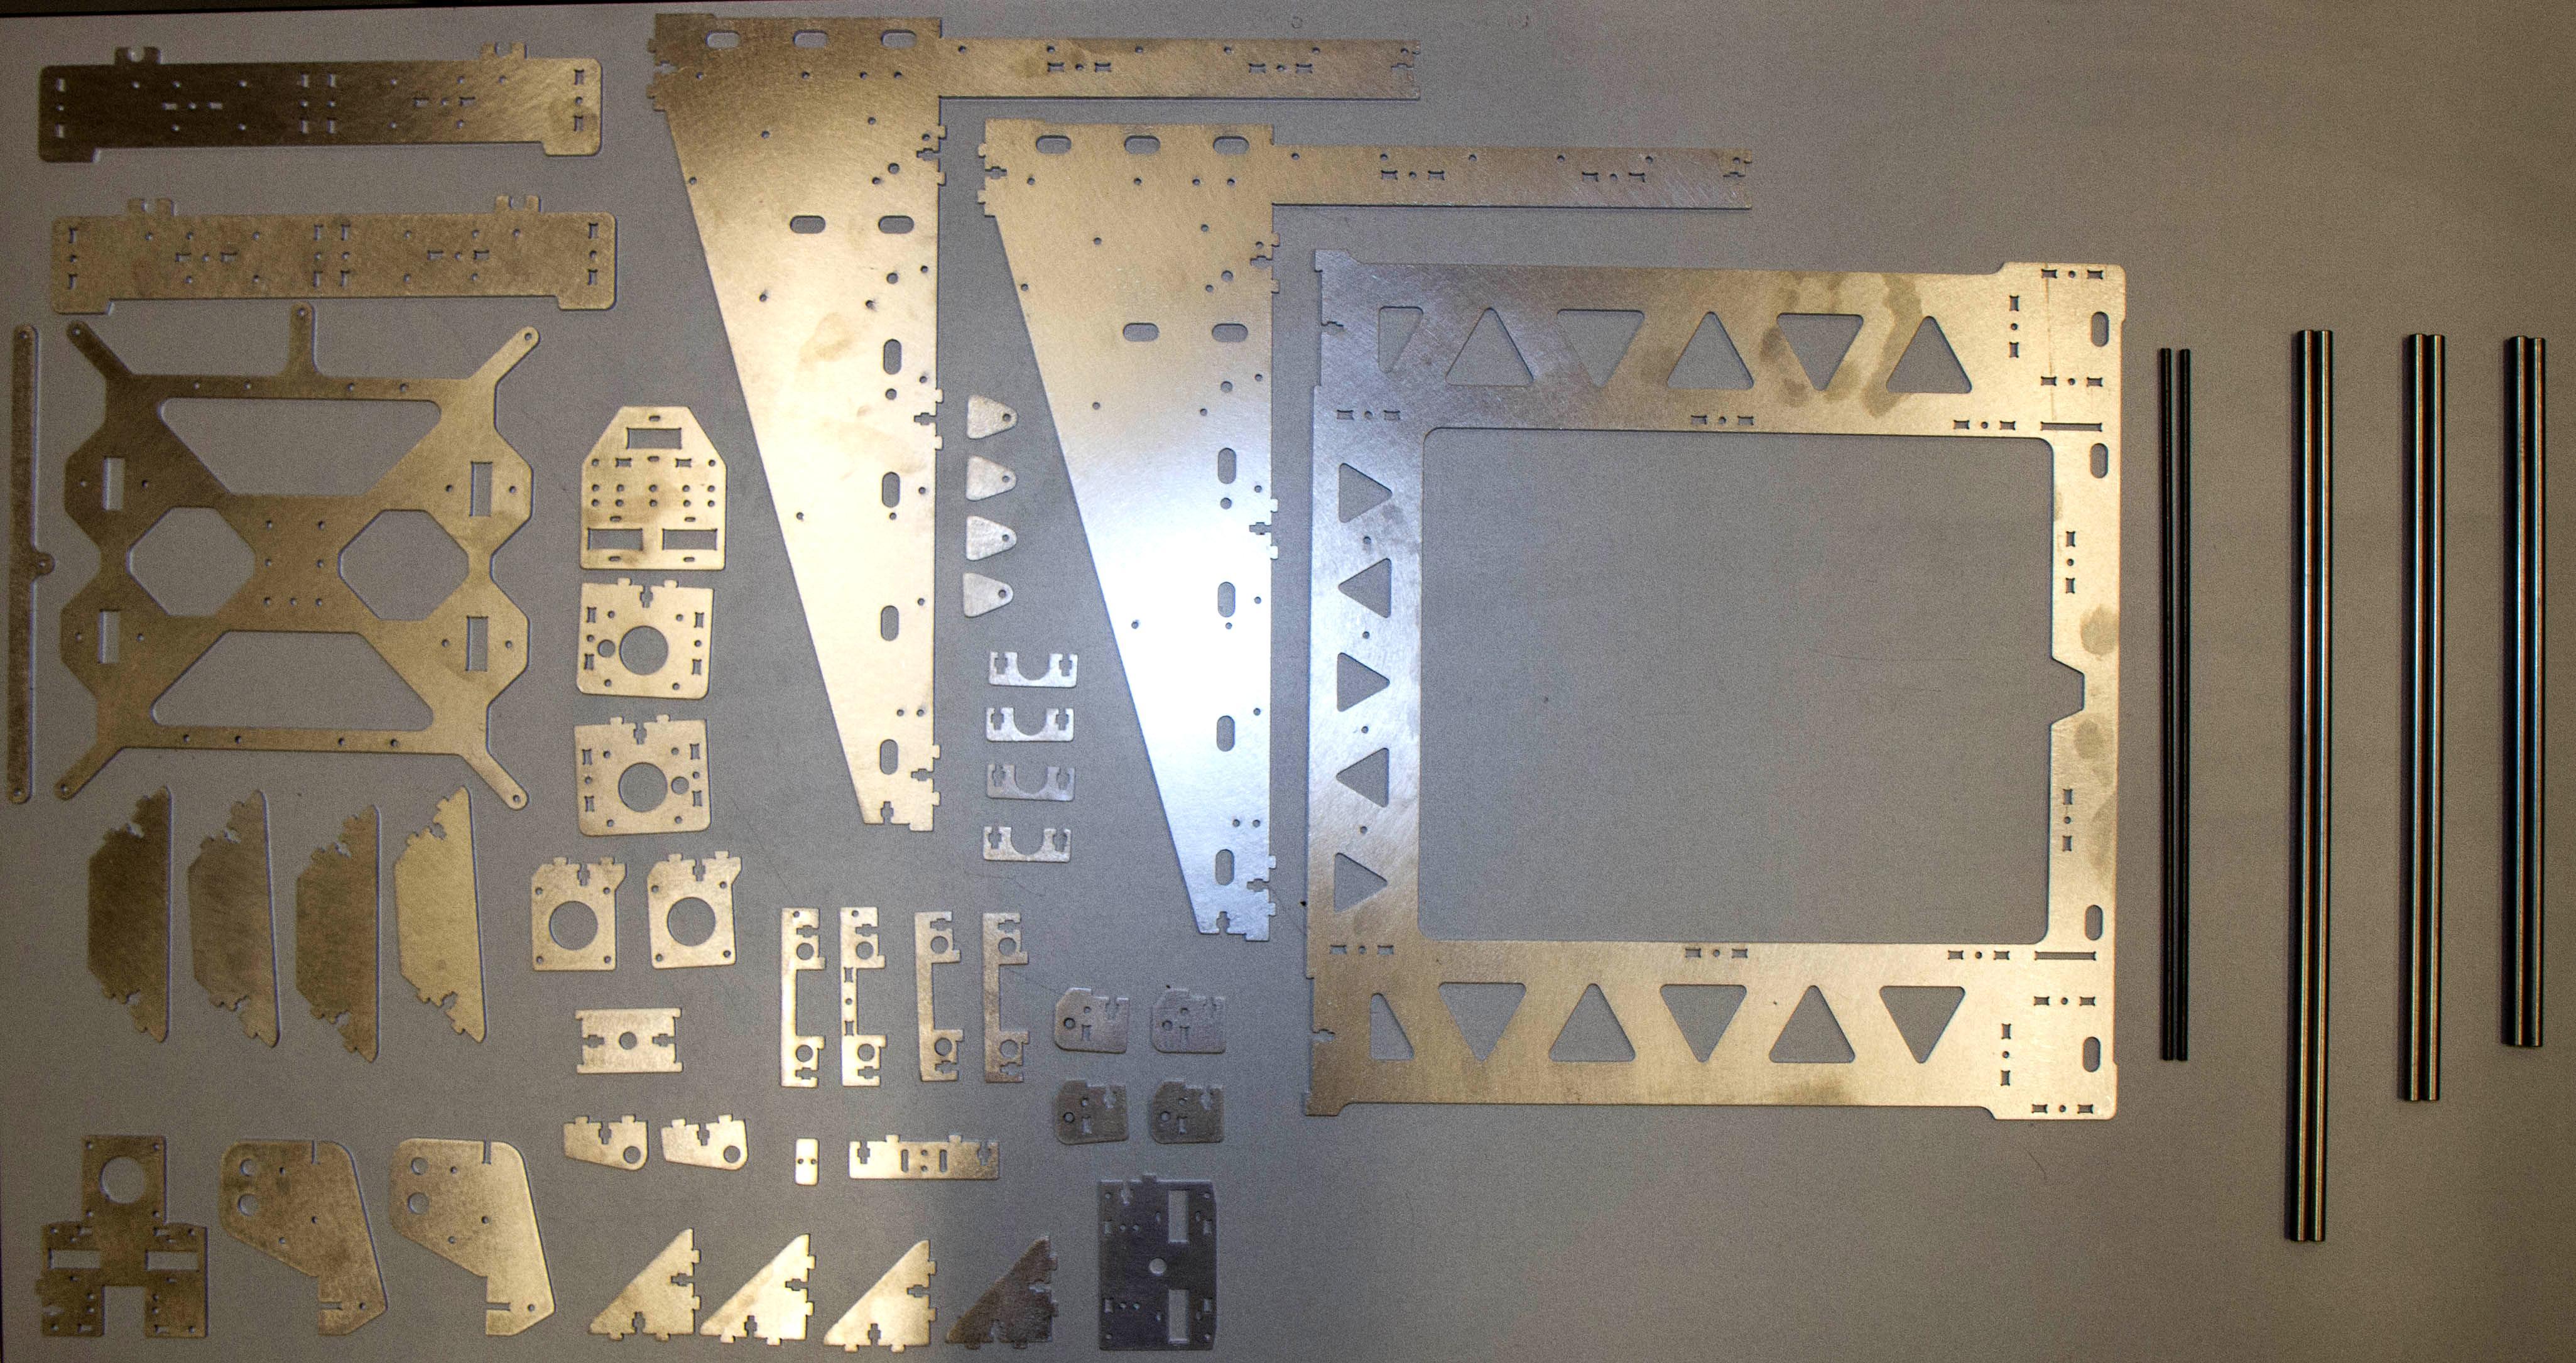 ase3dprintere-5.jpg